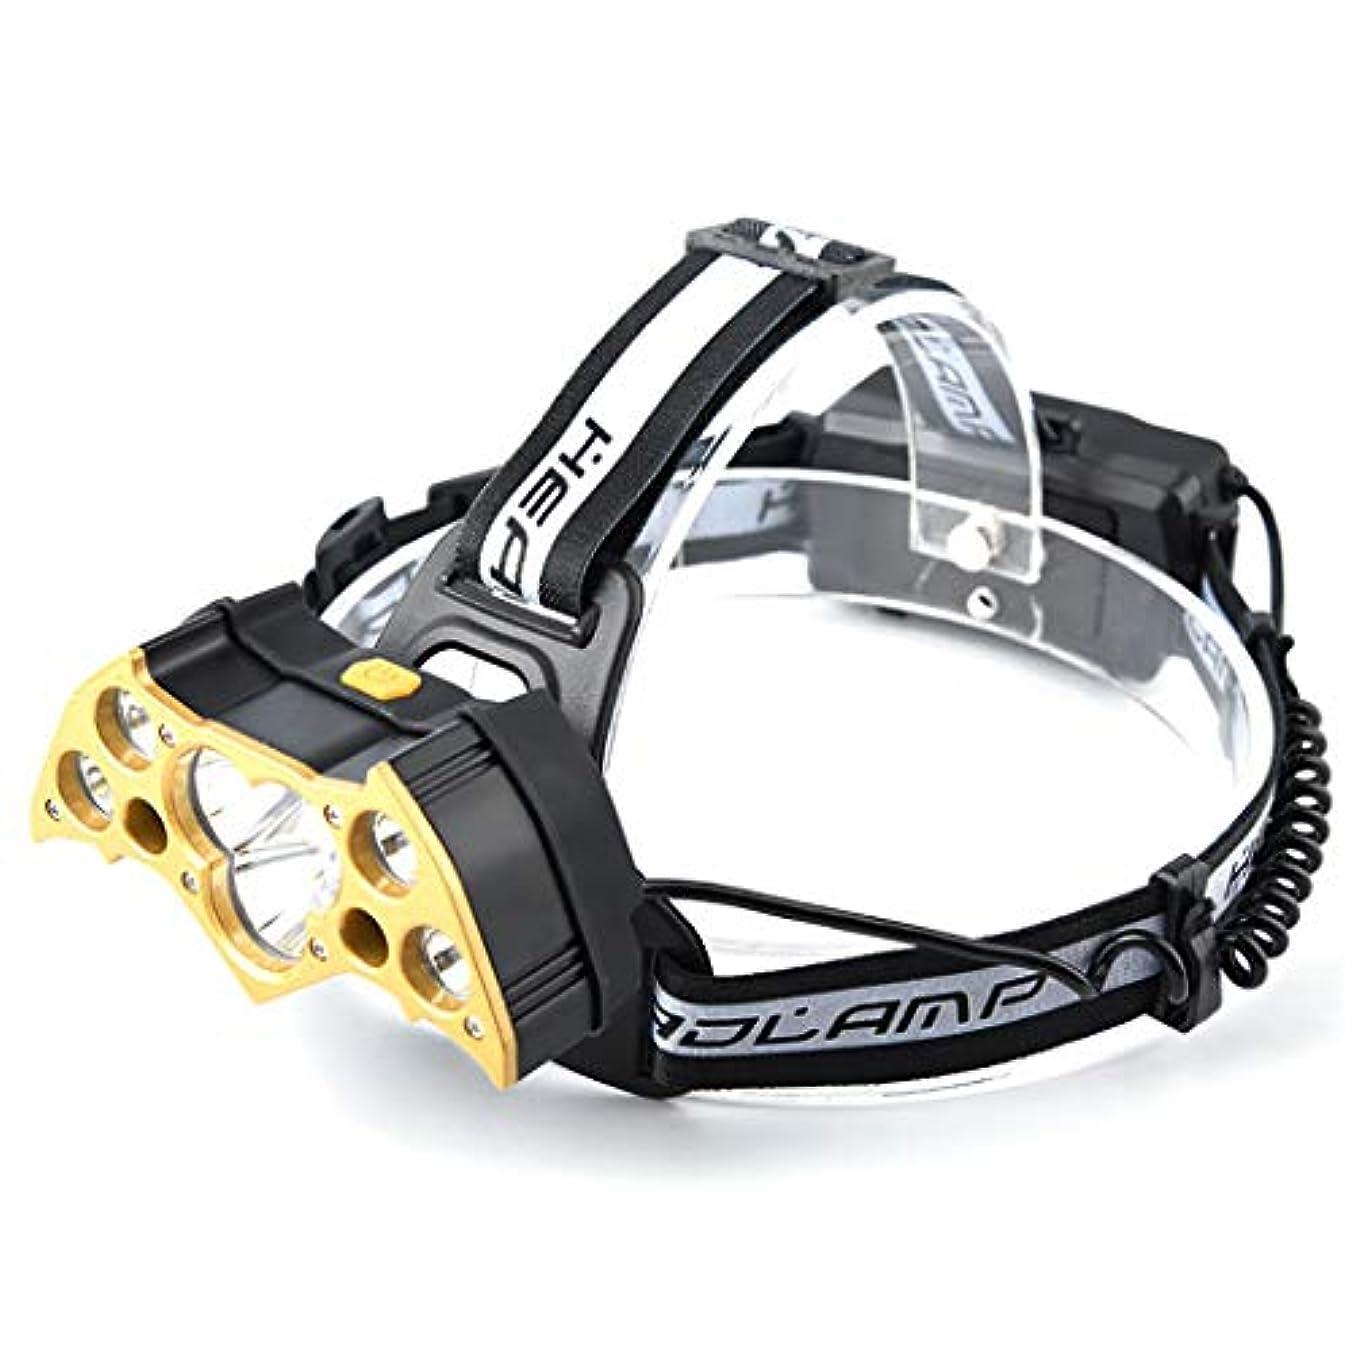 言語学提供トランクHSBAIS LED ヘッドライト、白と赤の灯防水 USB 充電式 高輝度 軽量 ヘッドランプ ヘルメットライト,gold